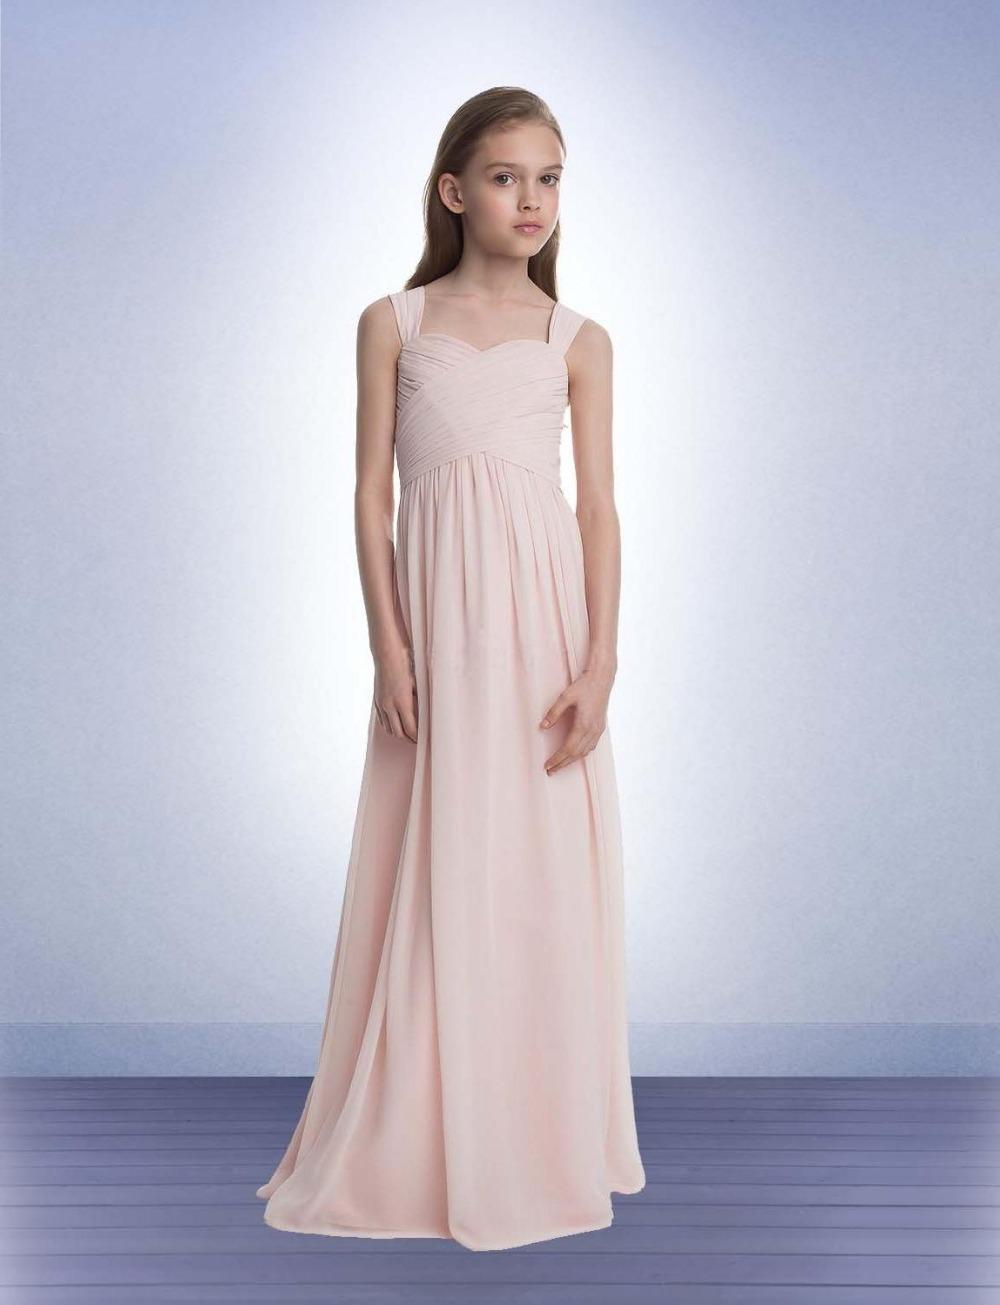 Cheap junior bridesmaid dresses beatific bride cheap junior bridesmaid dresses jivfc6 ombrellifo Images